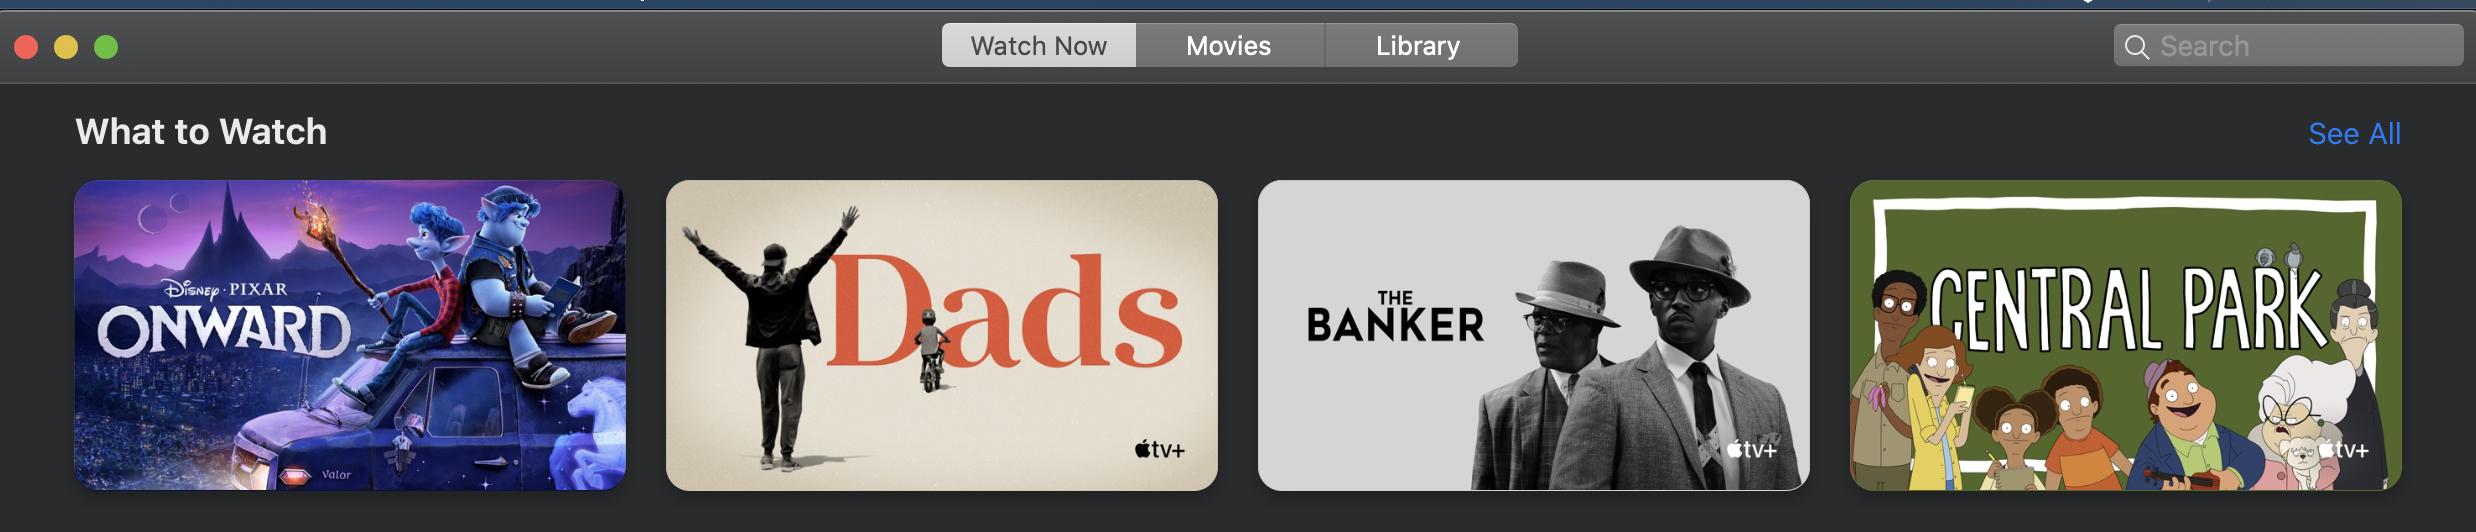 Forsidebilde - Viser innhold på Apple TV appen (både Disney og Apple TV+)